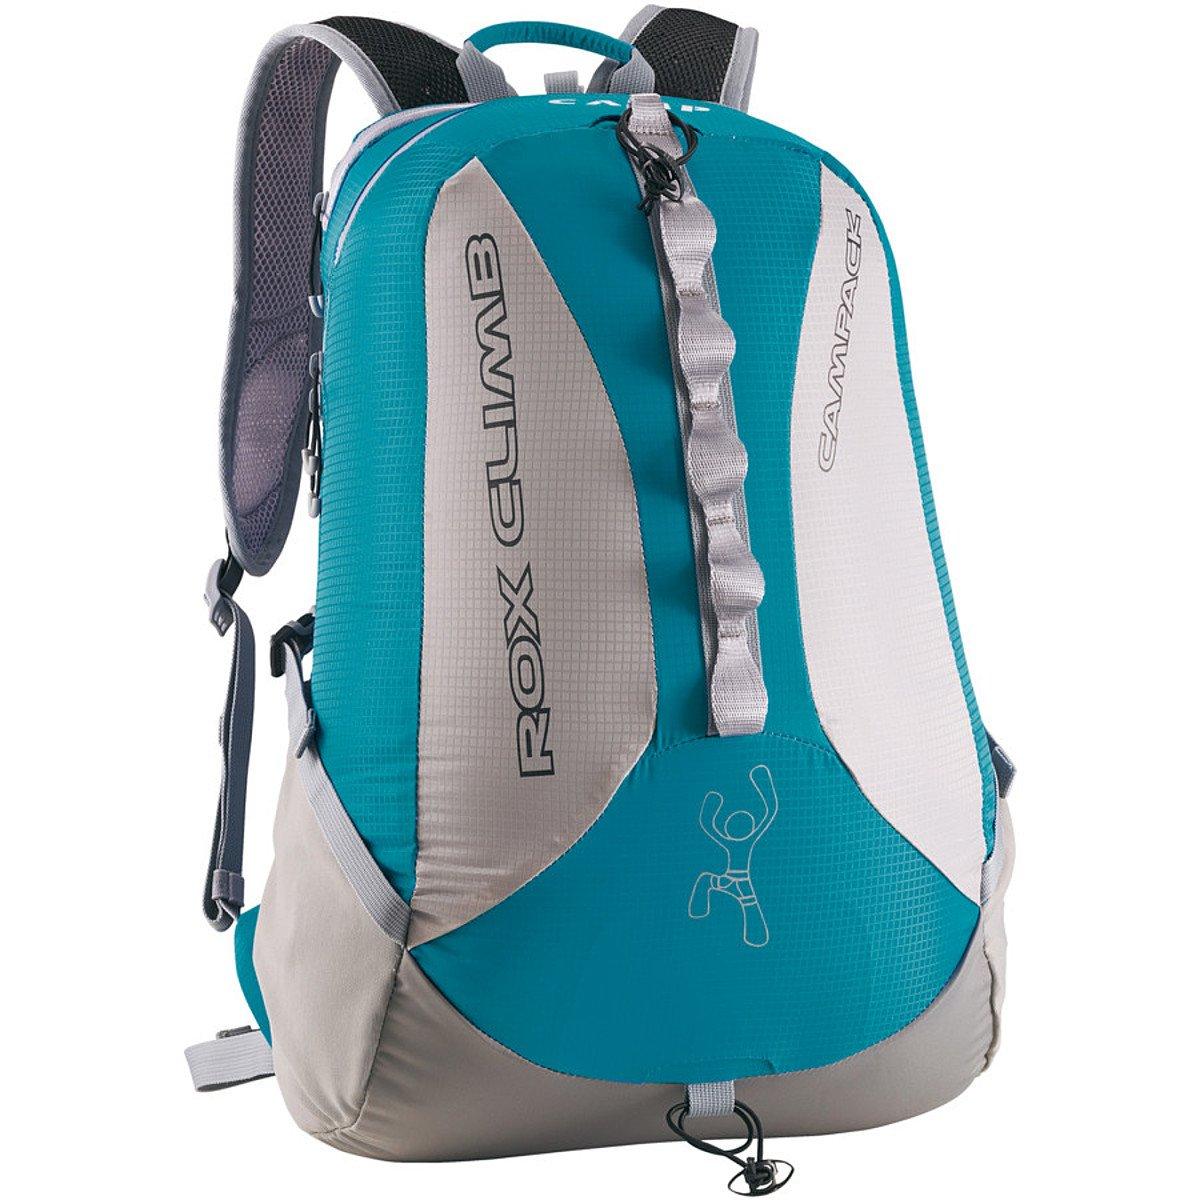 Camp Rox Climb Backpack Petrol Blau grau 2016 Rucksack